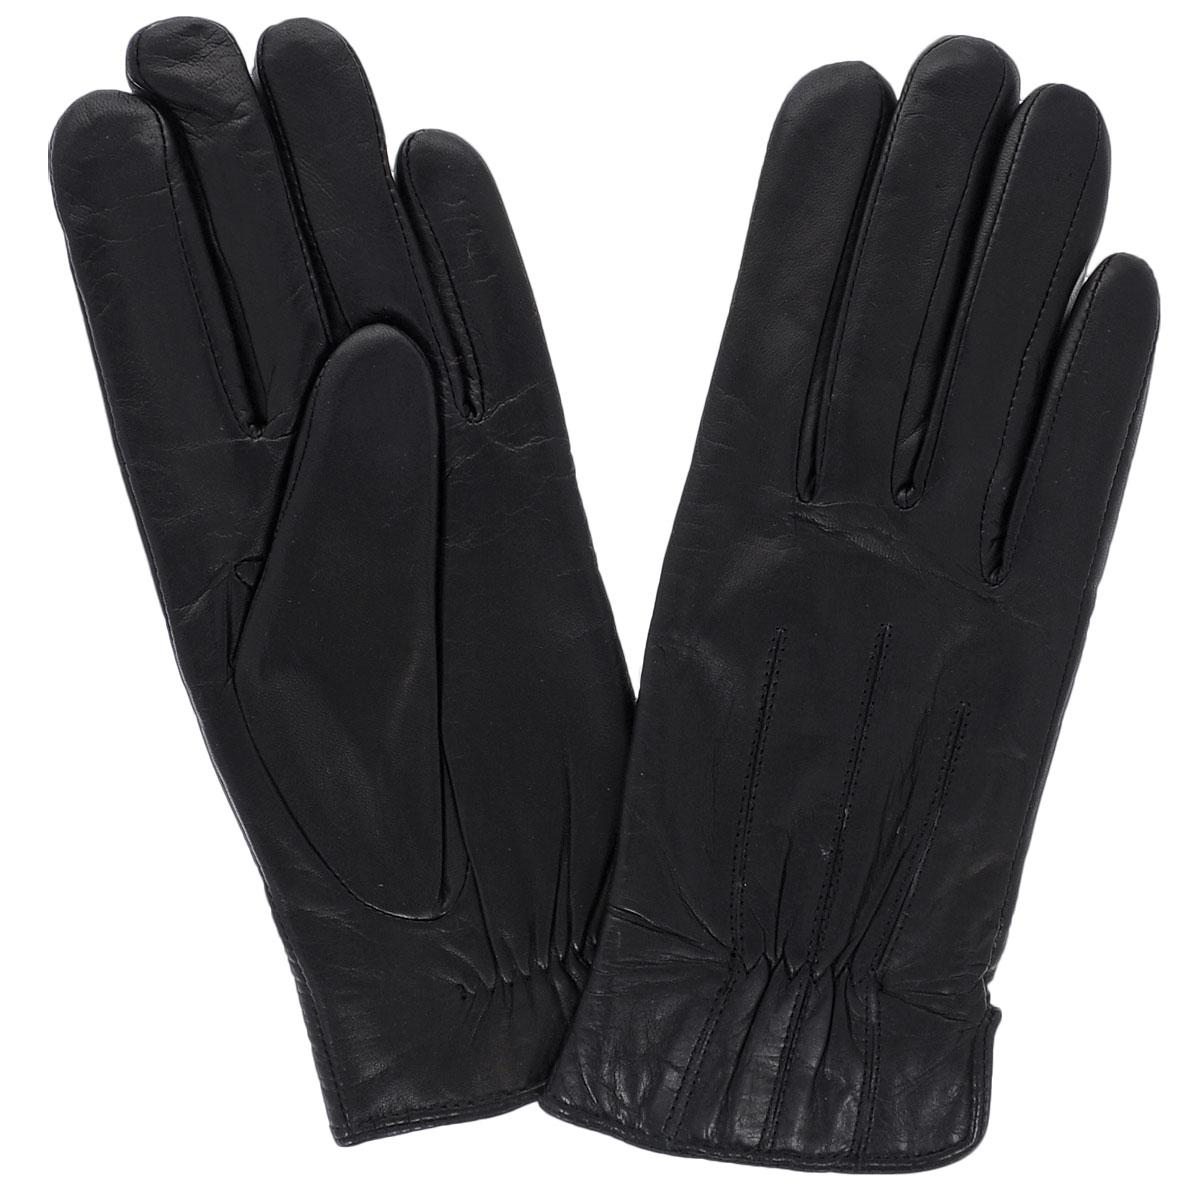 Перчатки женские. 11_HELGA11_HELGA/BLСтильные женские перчатки Dali Exclusive выполнены из мягкой и приятной на ощупь натуральной кожи ягненка с подкладкой из шерсти. Перчатки на лицевой стороне оформлены тремя швами. Манжеты имеют вставку-резинку и боковые разрезы. Такие перчатки подчеркнут ваш стиль и неповторимость.